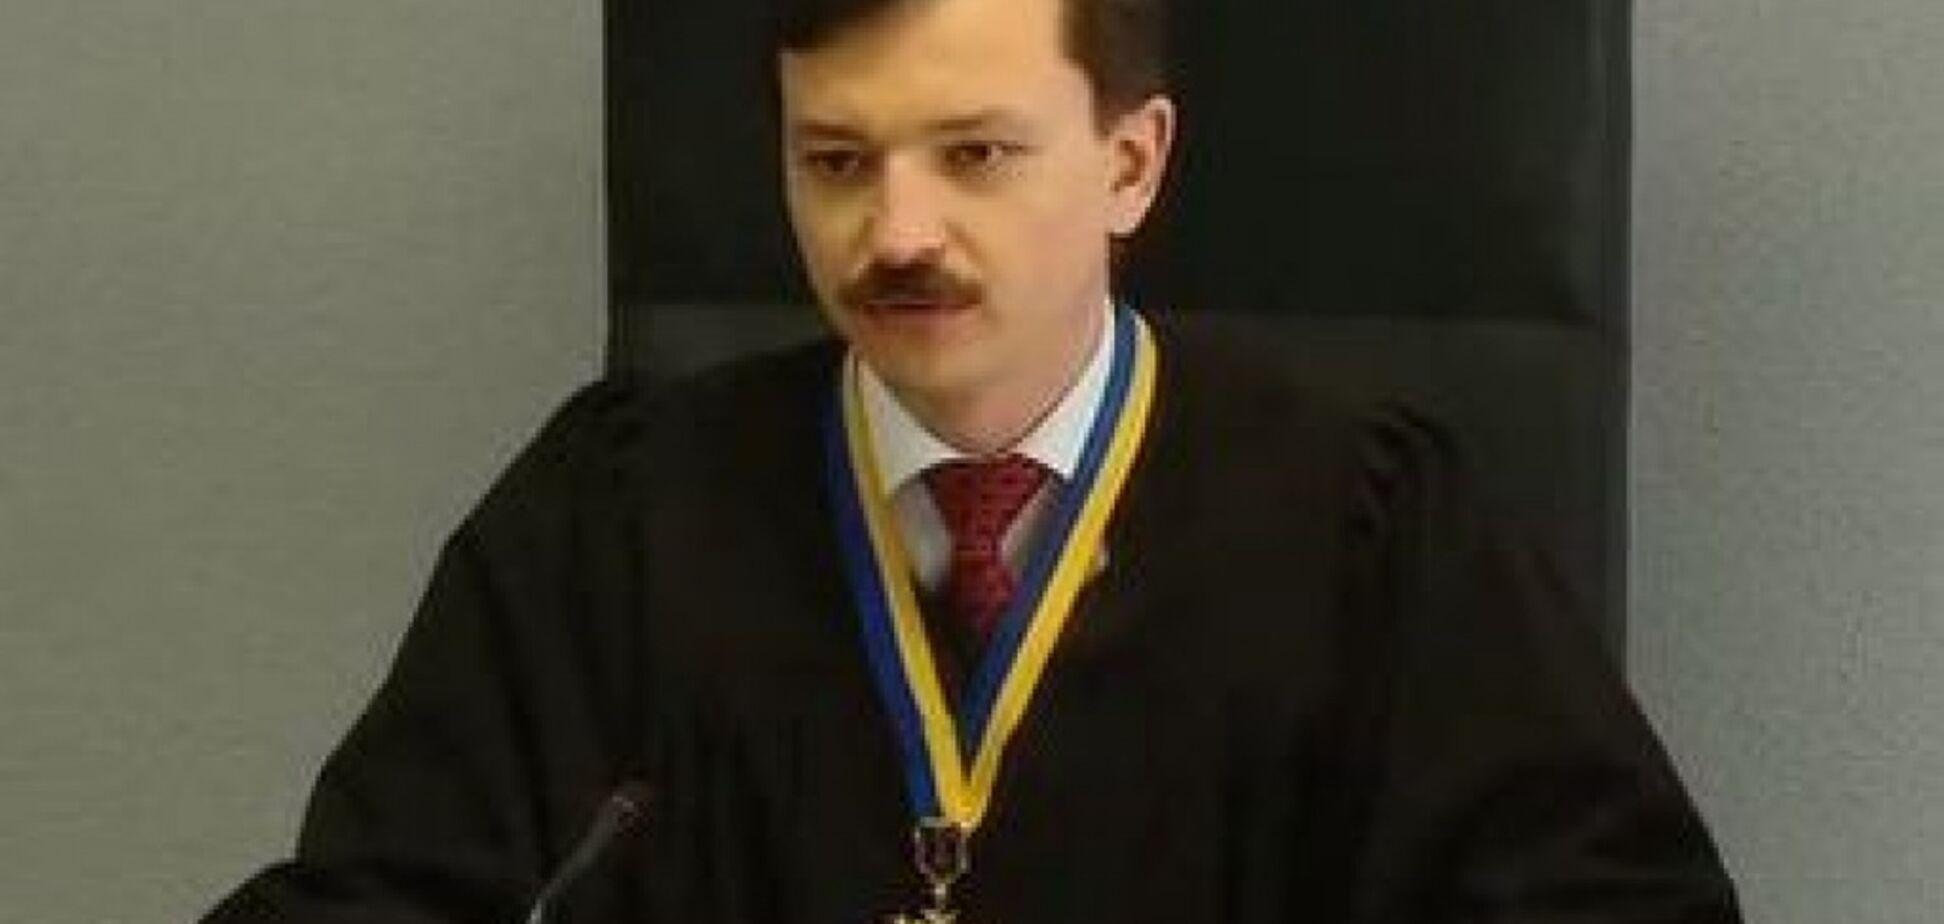 Судья Девятко отложил все судебные процессы ради госизмены Януковича - СМИ